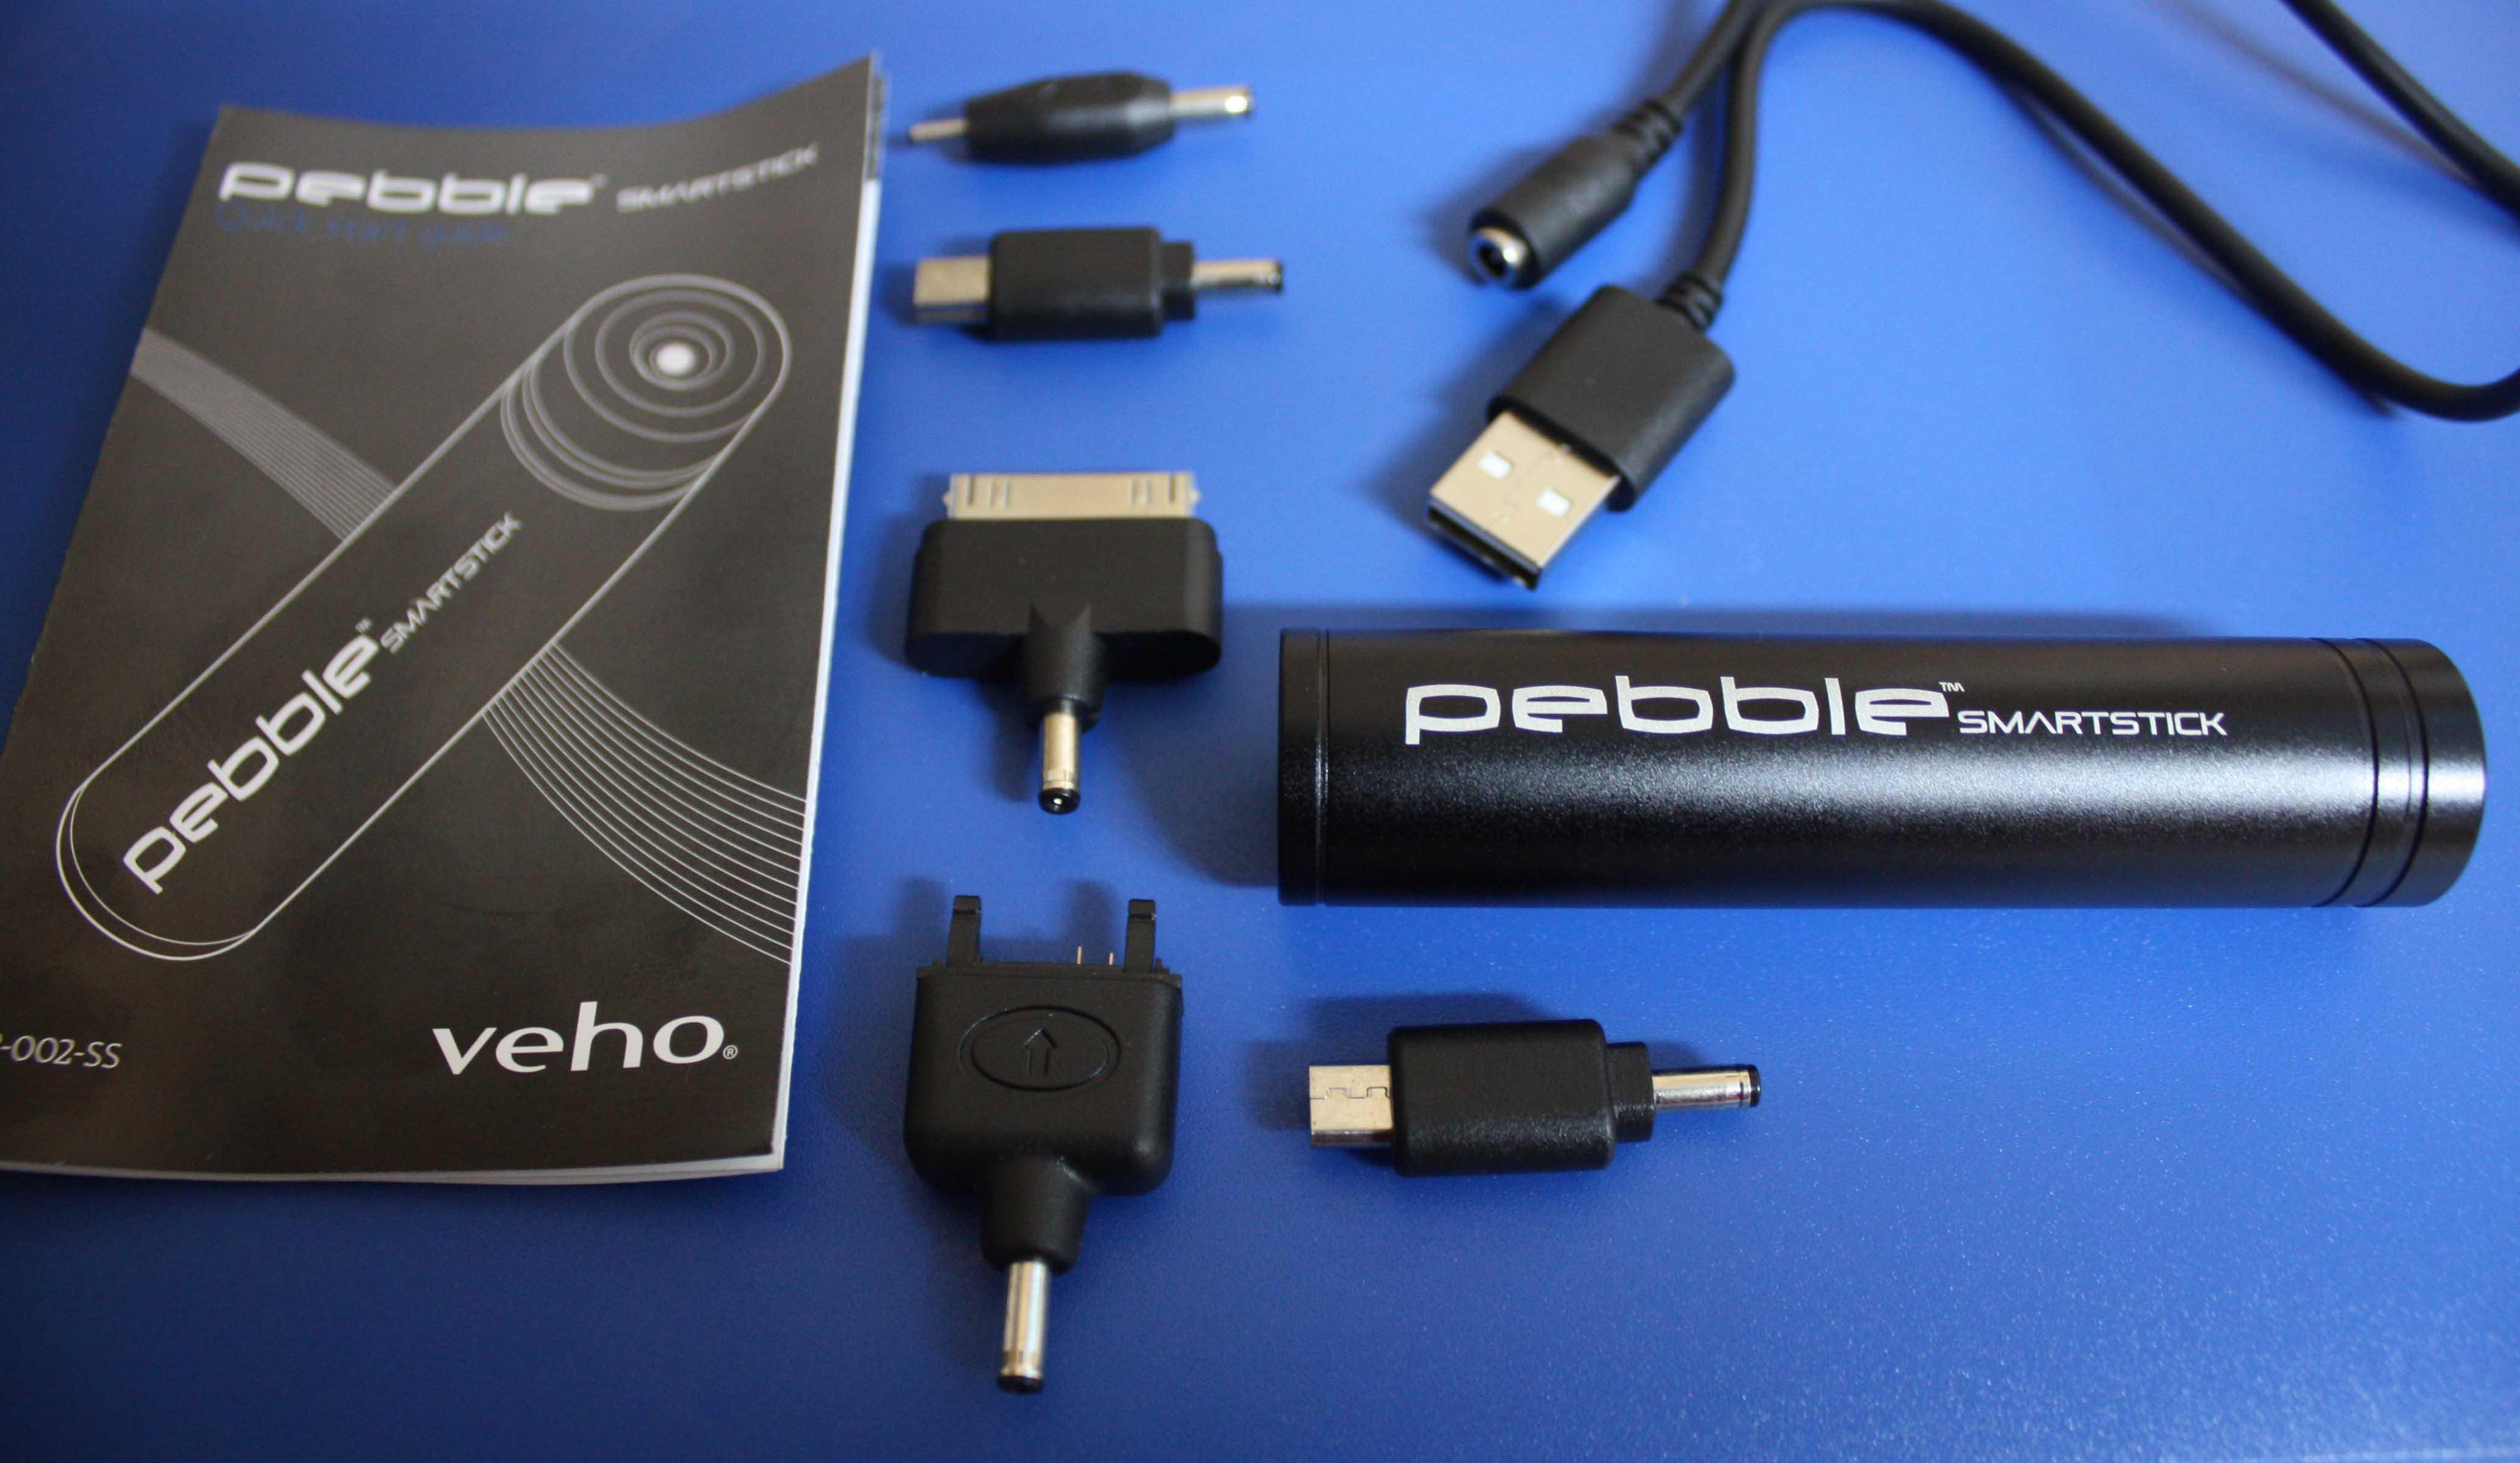 Cargador Veho Pebble Smartstick Accesorios